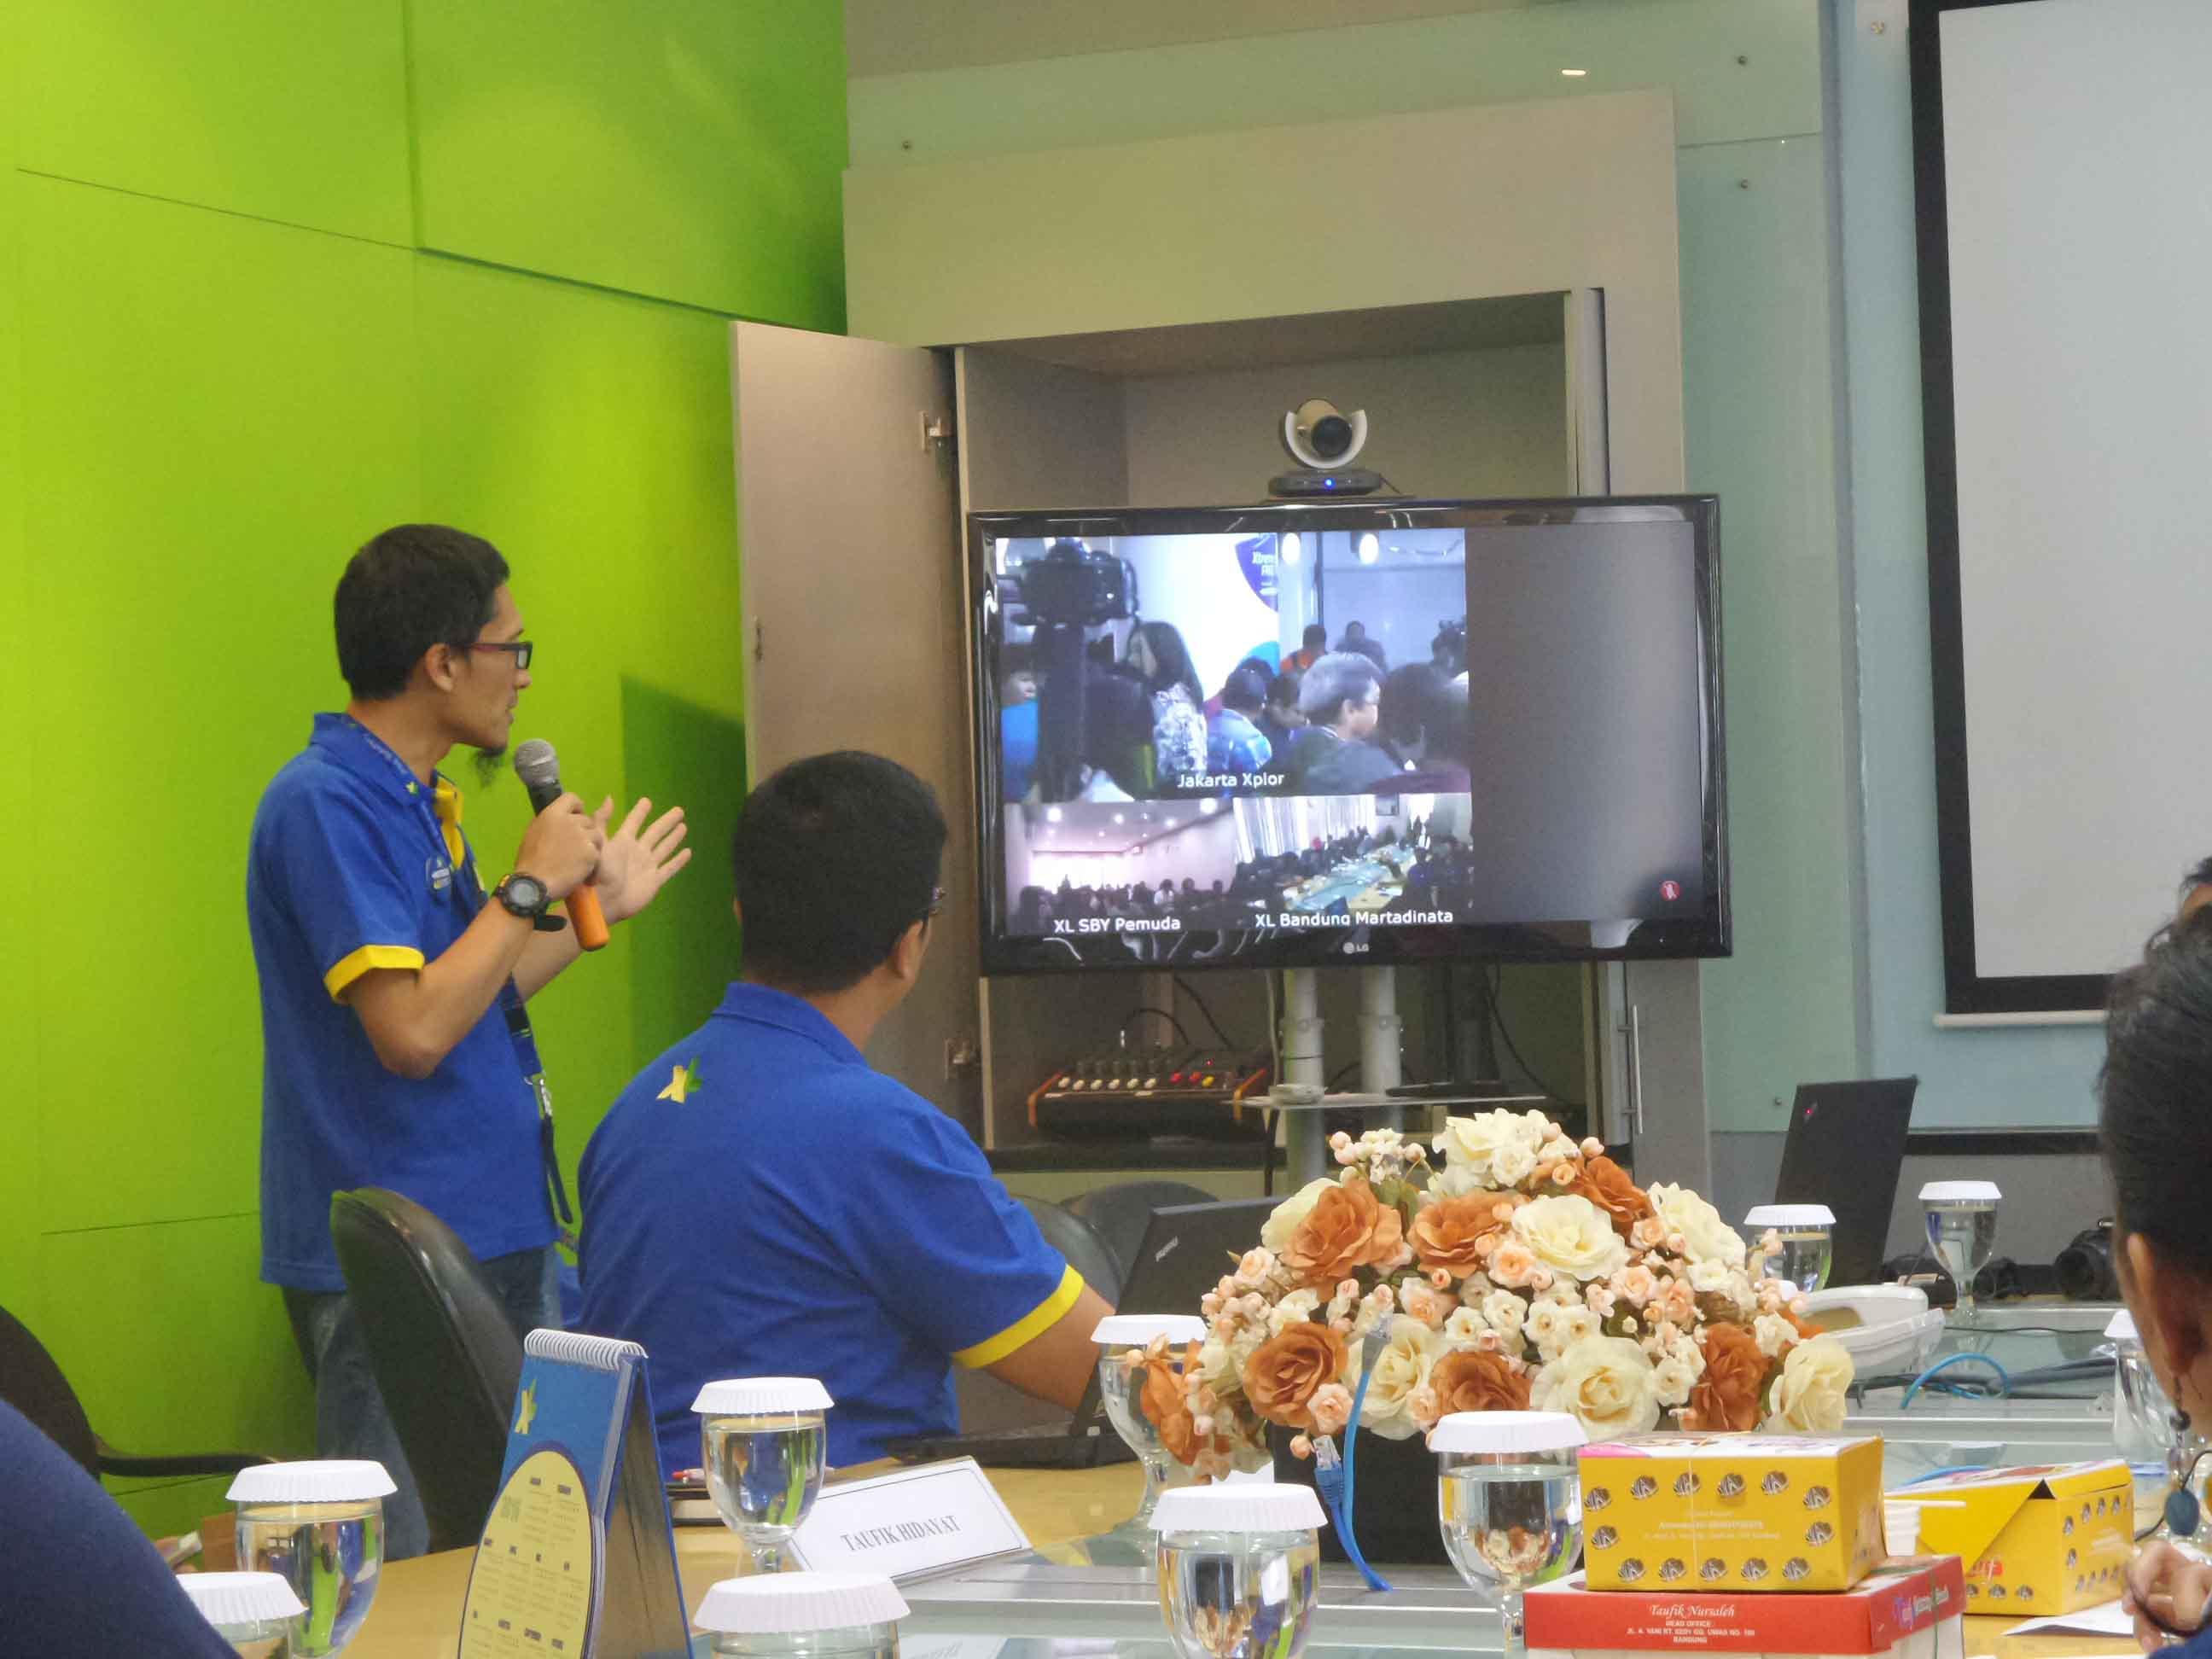 Video Conference XL dari Jakarta, Bandung, dan Surabaya